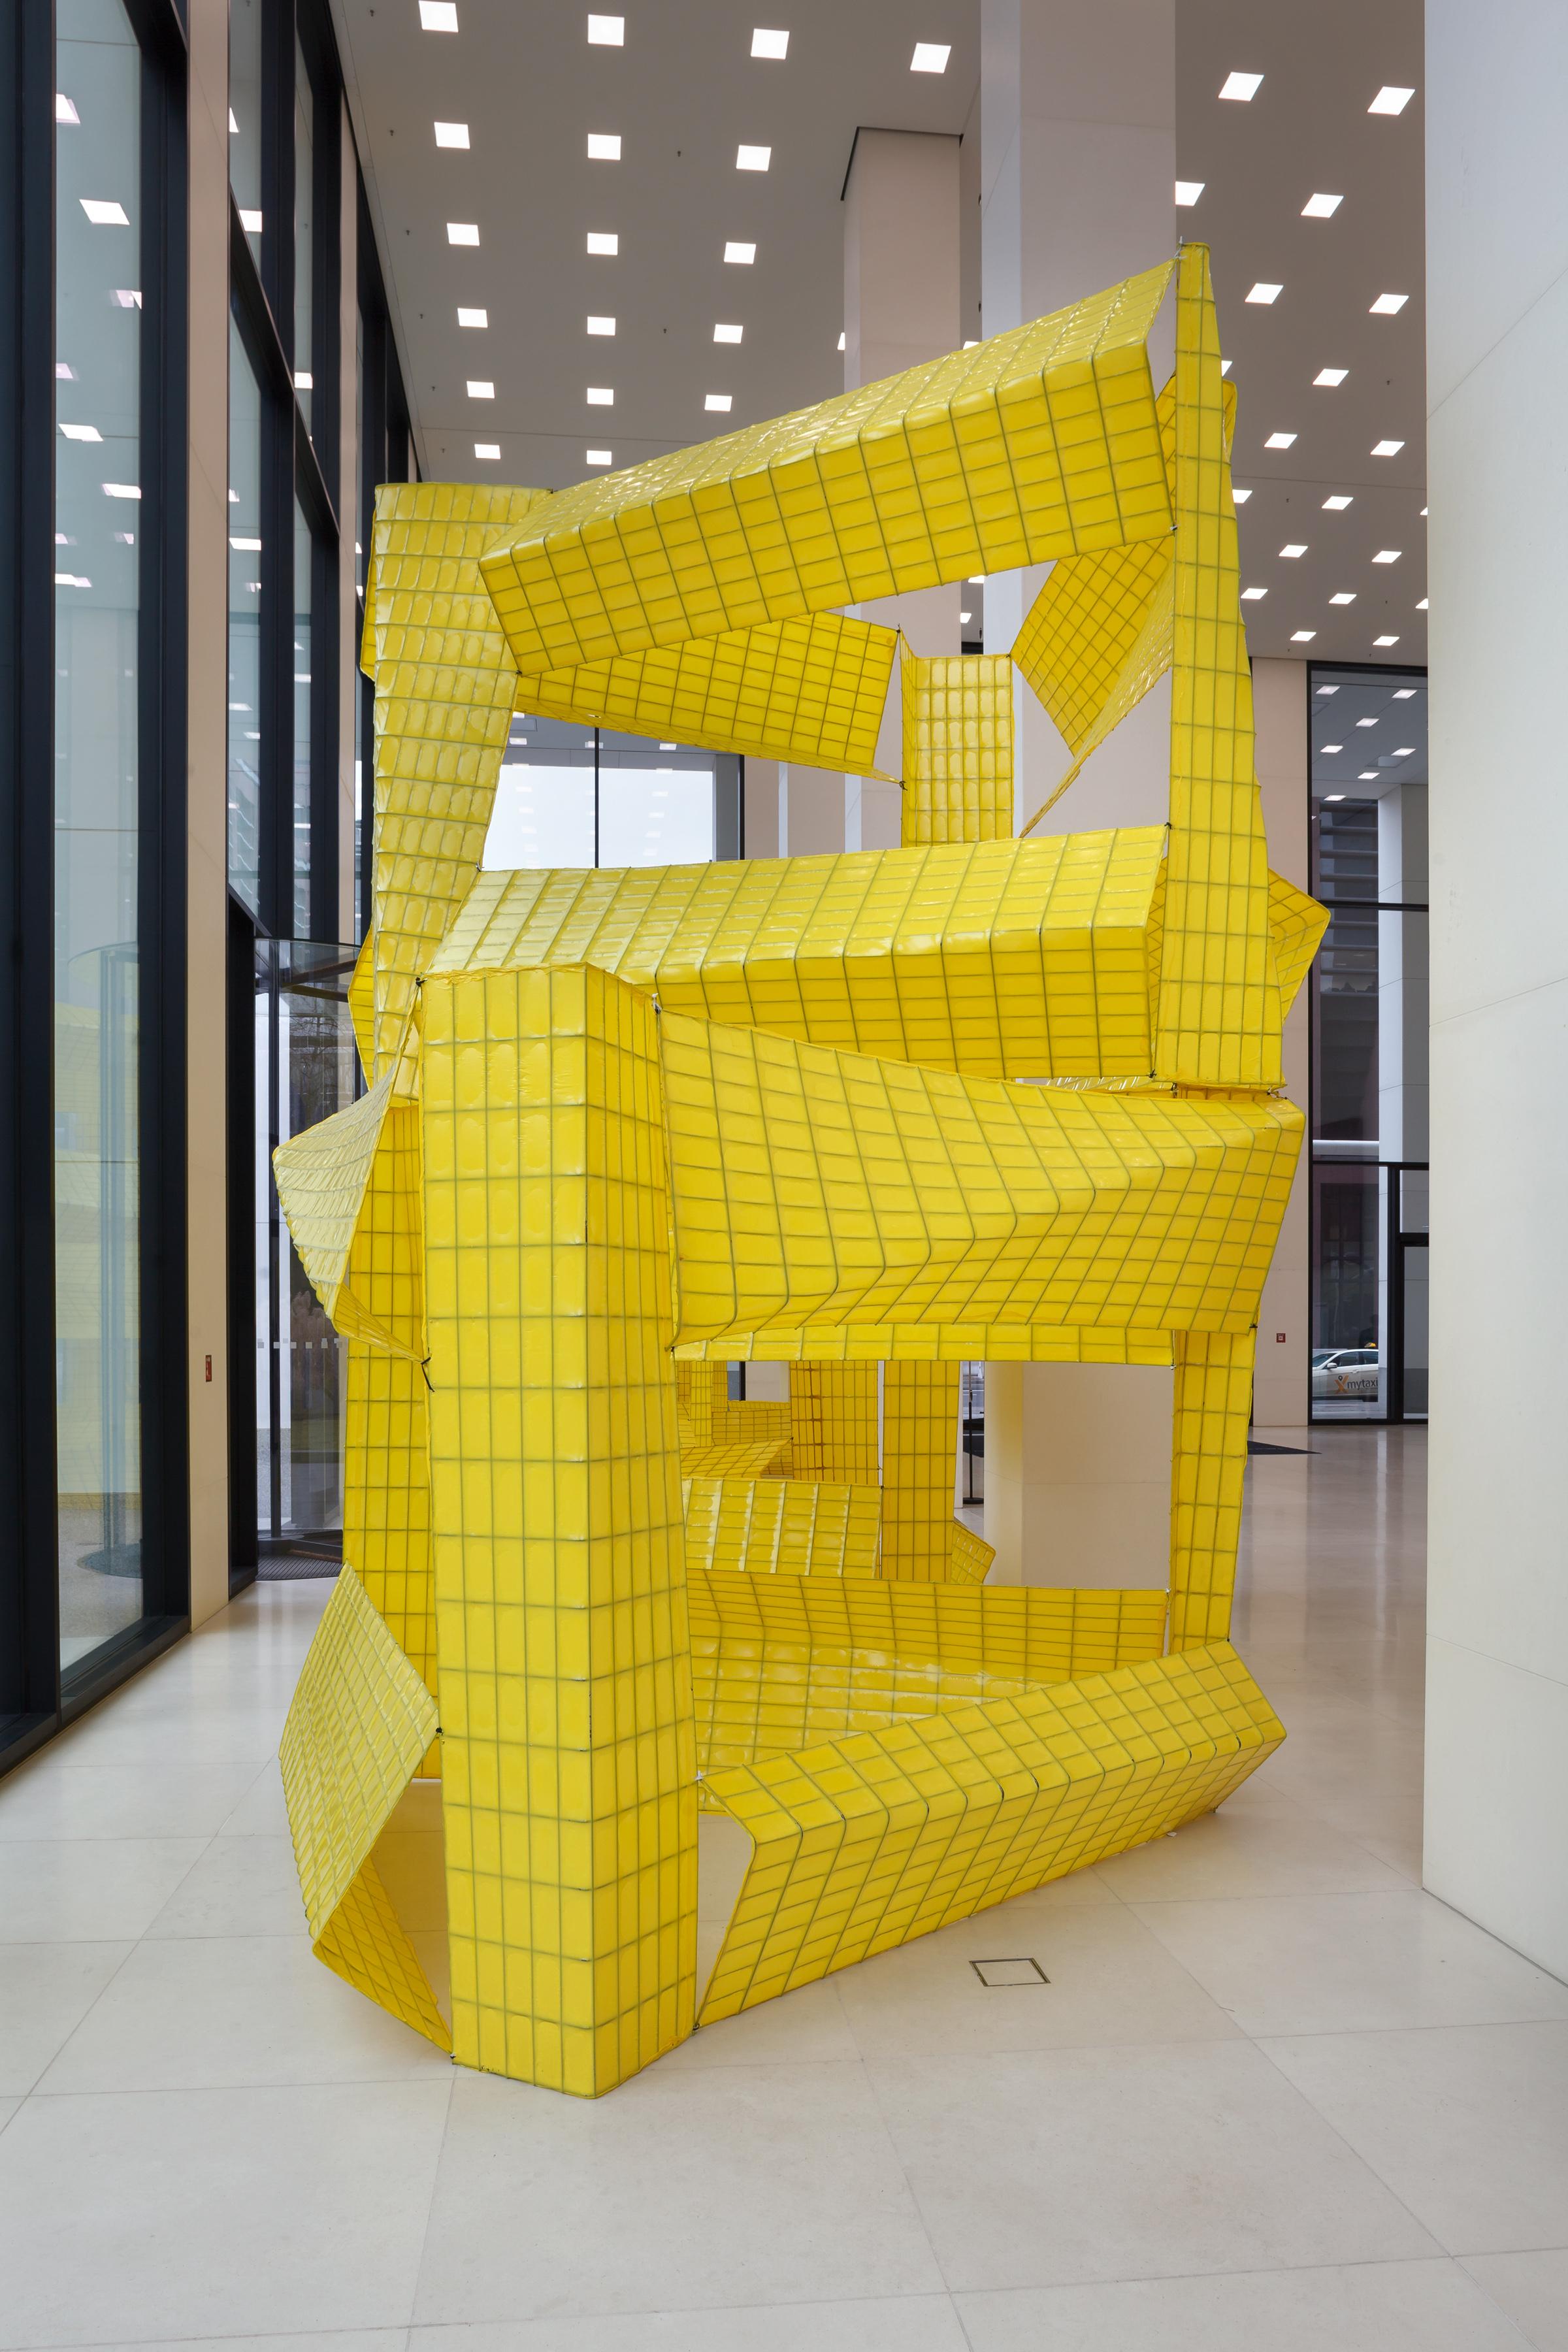 Ausstellungsansicht/exhibition view MMK Museum für Moderne Kunst Frankfurt am Main, Courtesy Michael Beutler, Foto/photo: Axel Schneider